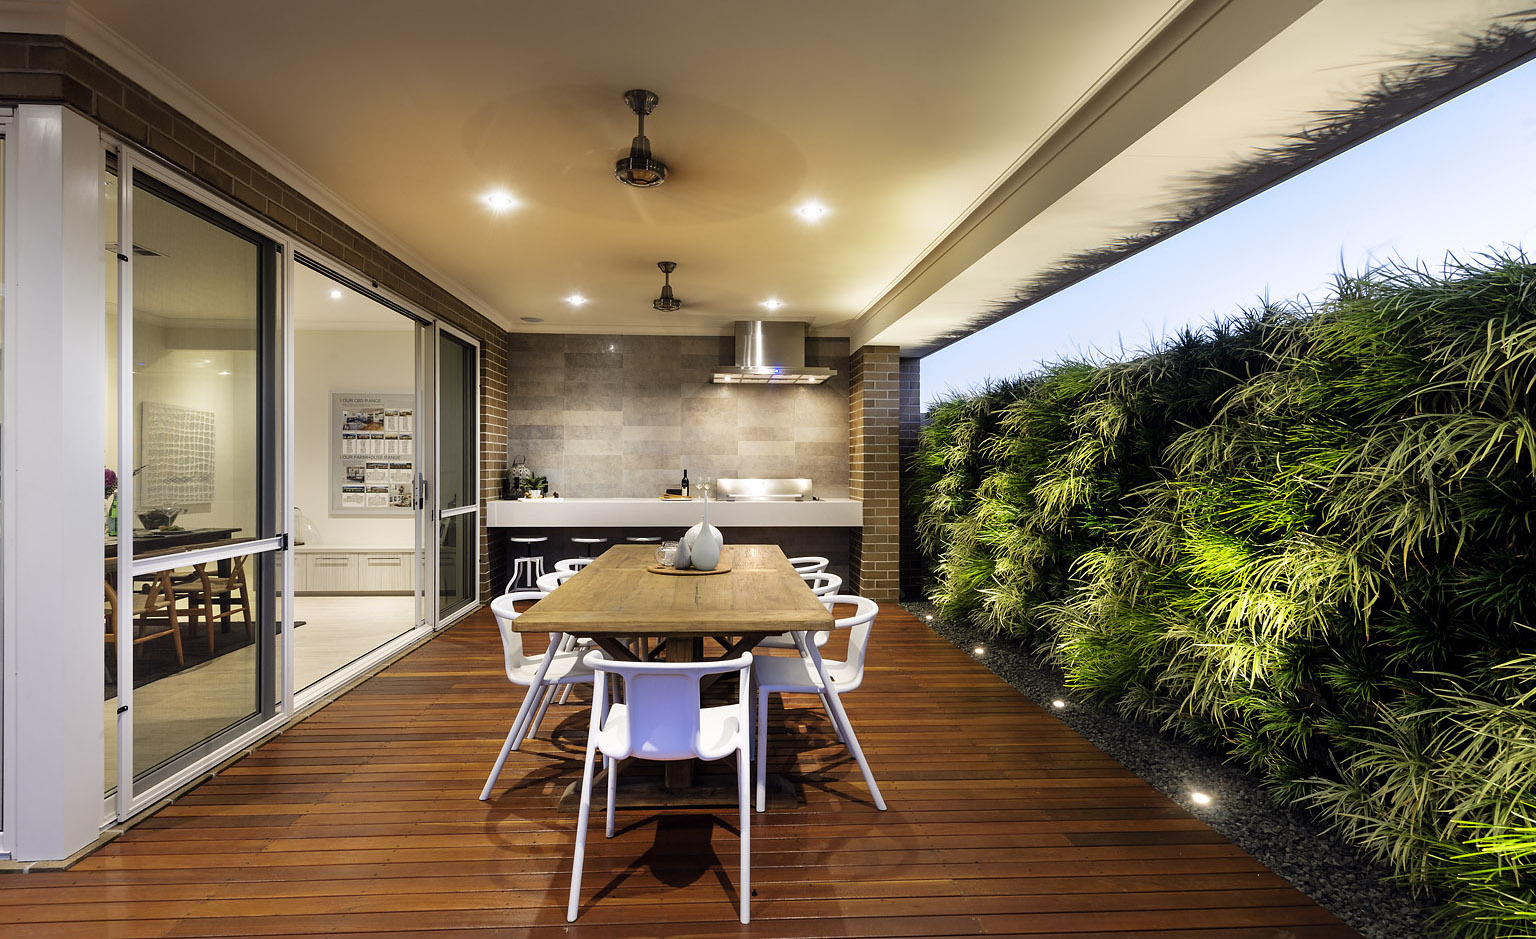 De la naturaleza a tu hogar casa y mantel for Decoracion plantas interior casa